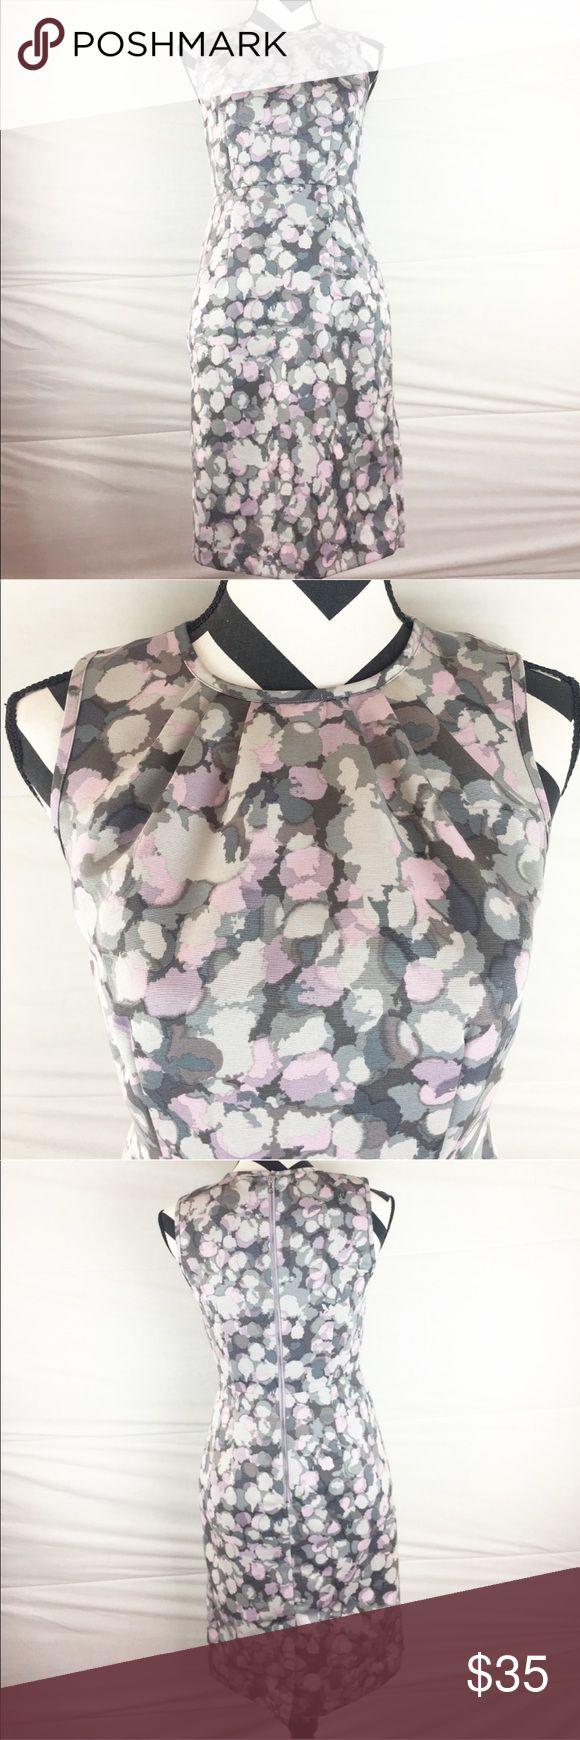 """Anne Taylor loft beautiful Sleeveless dress Anne Taylor loft purple and grey dress. Sleeveless has a zipper in the back. Length 35"""" waist 14"""" 100% polyester LOFT Dresses"""